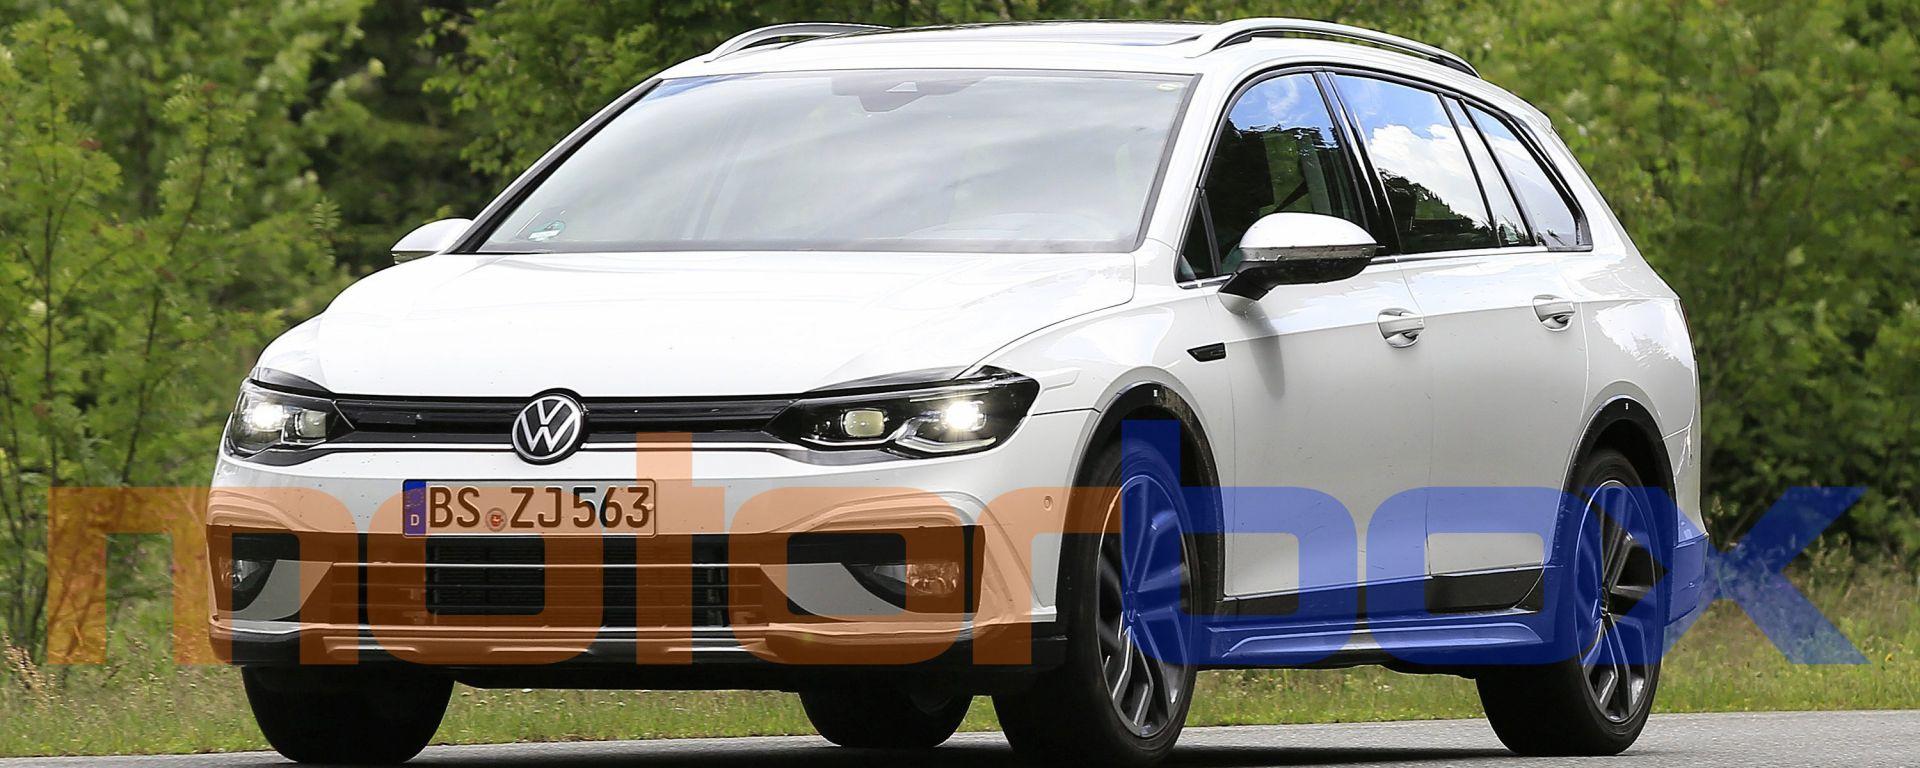 Volkswagen Golf Alltrack 2021: visuale di 3/4 anteriore